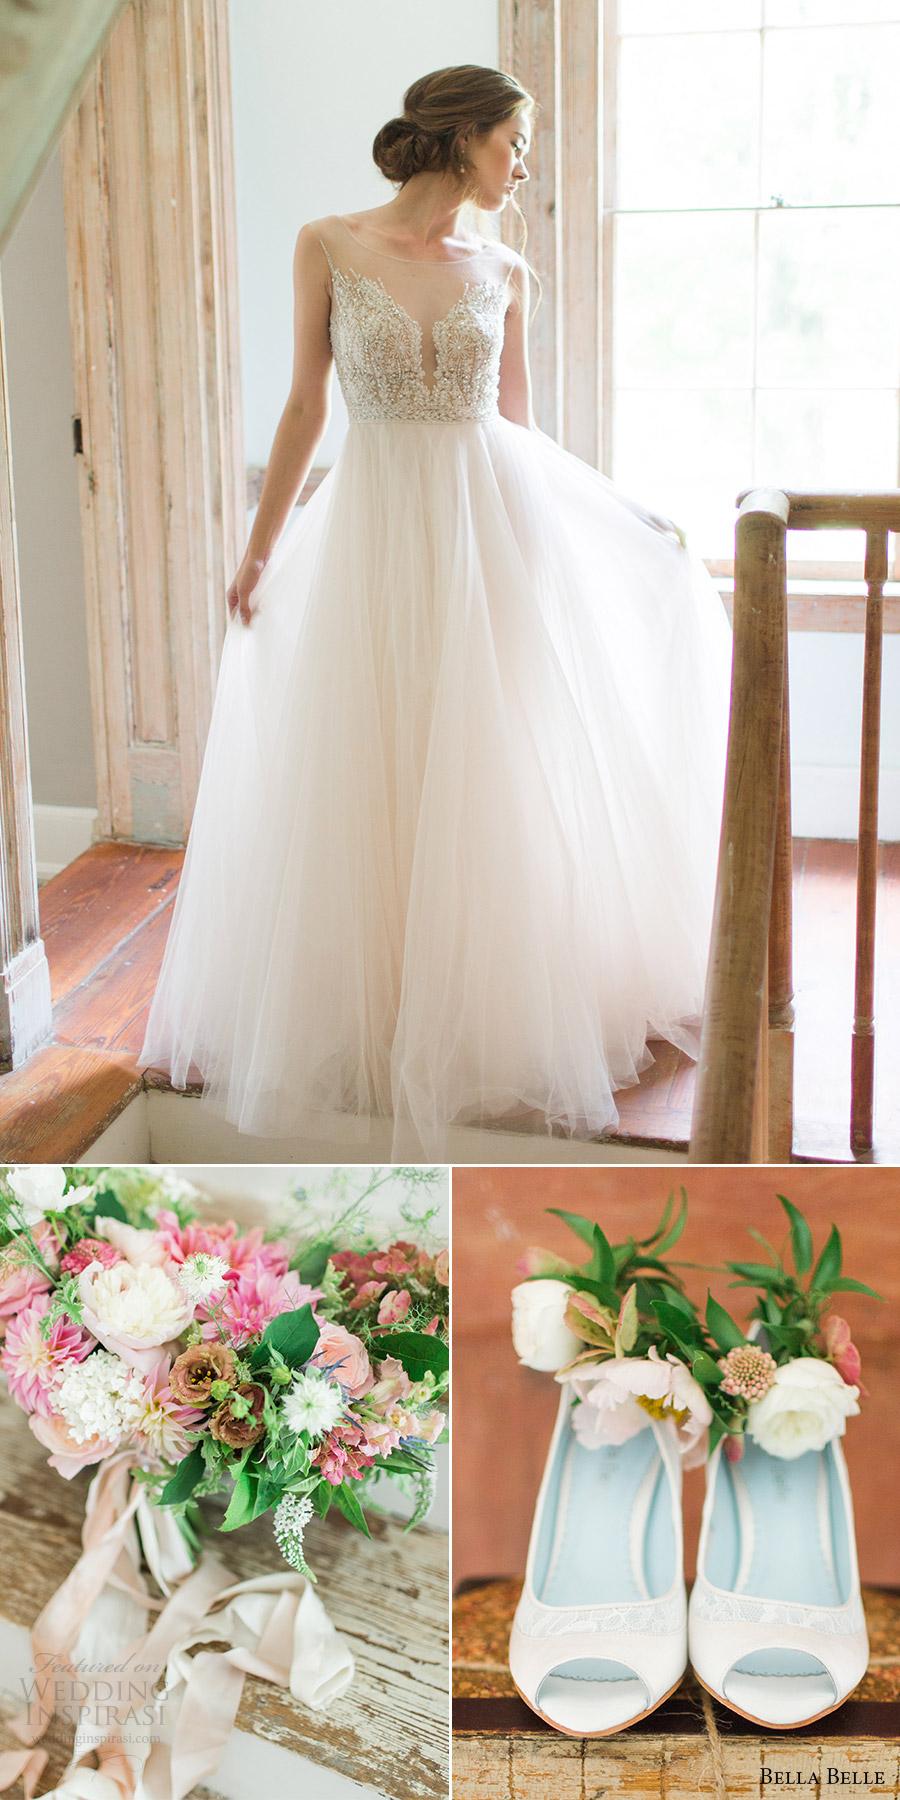 bella belle zapatos de novia 2016 zapatos de la boda talón miranda watters vestido